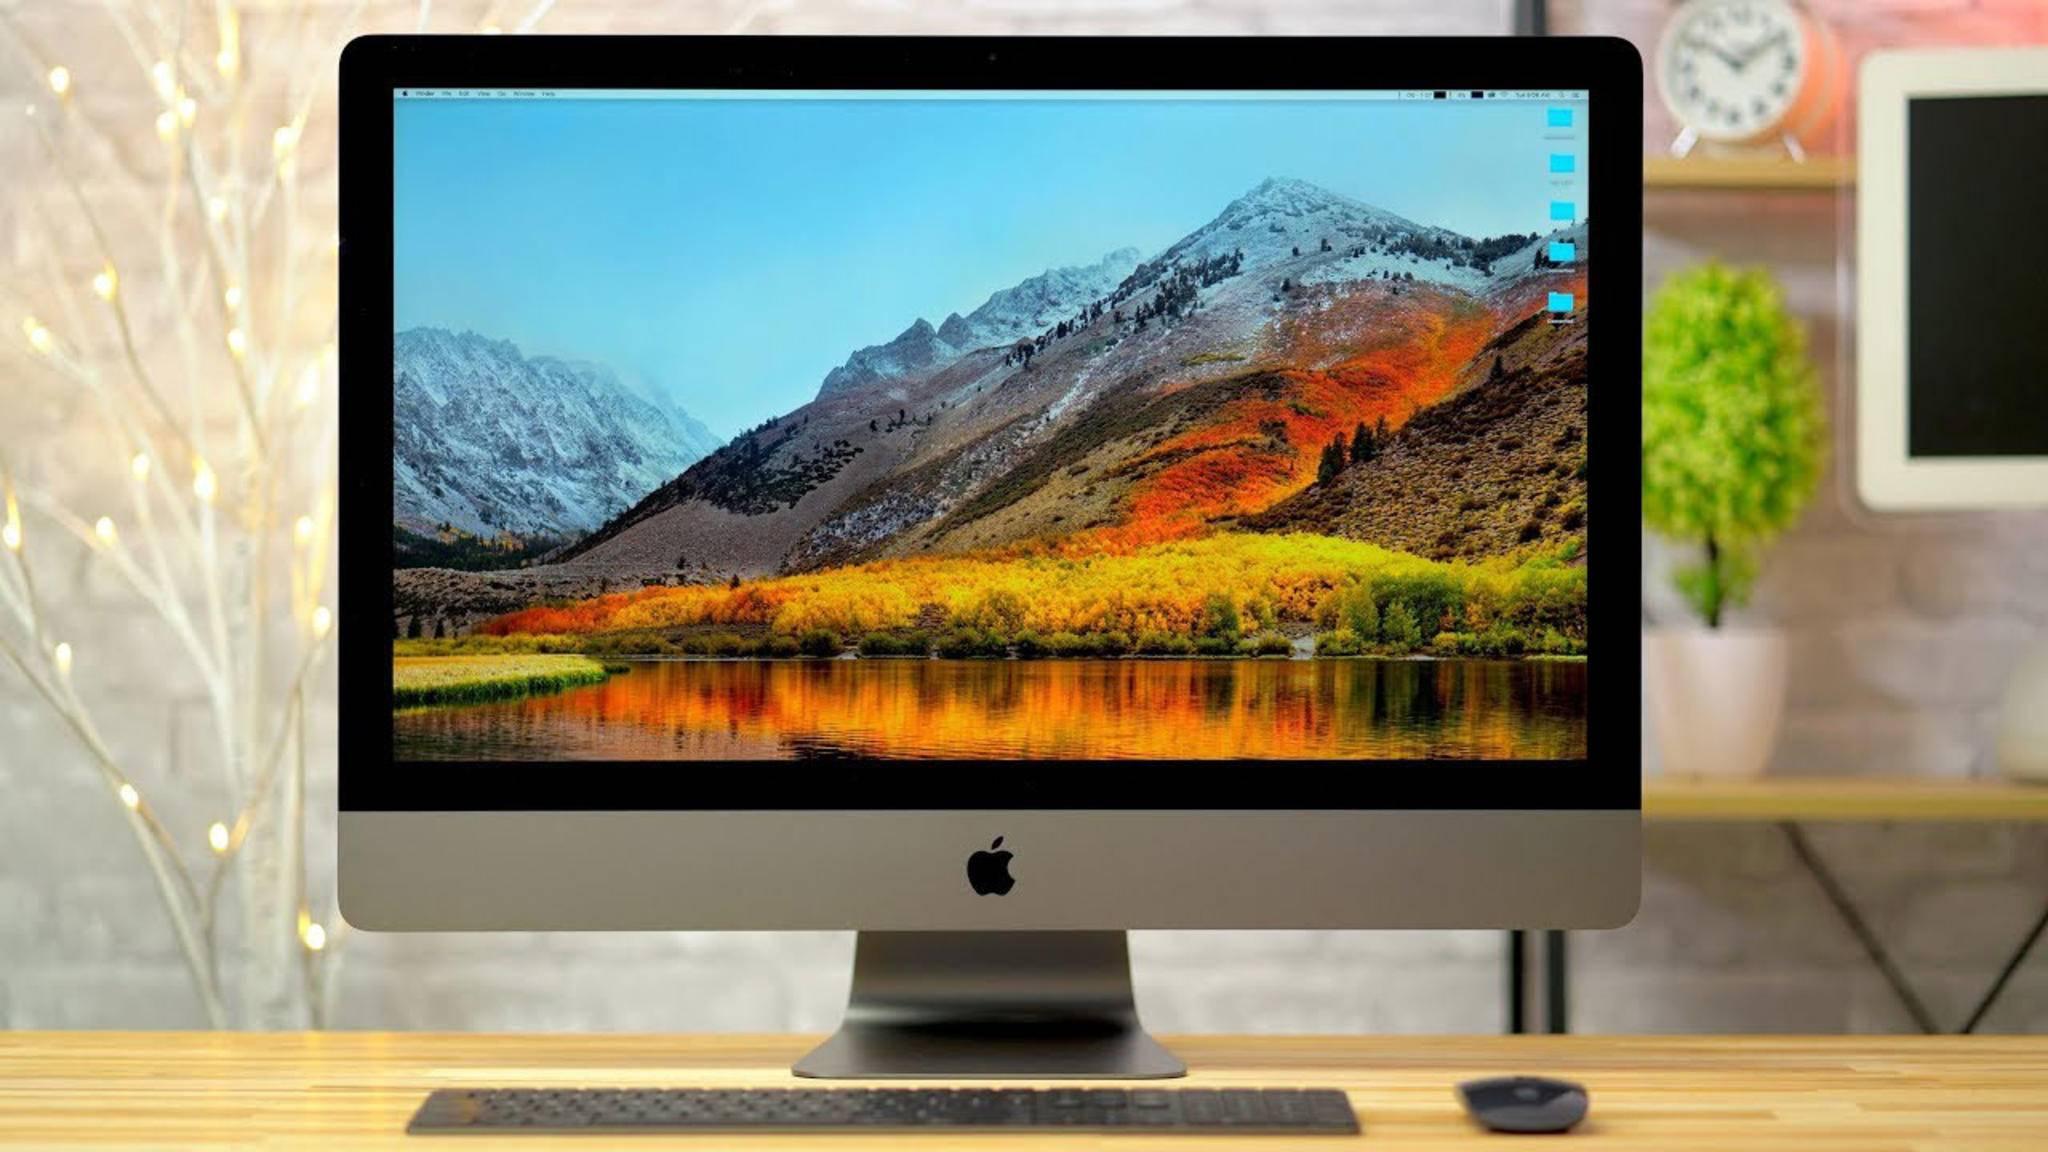 Gerüchte deuten darauf hin, dass Apple noch in dieser Woche einen neuen iMac vorstellt.